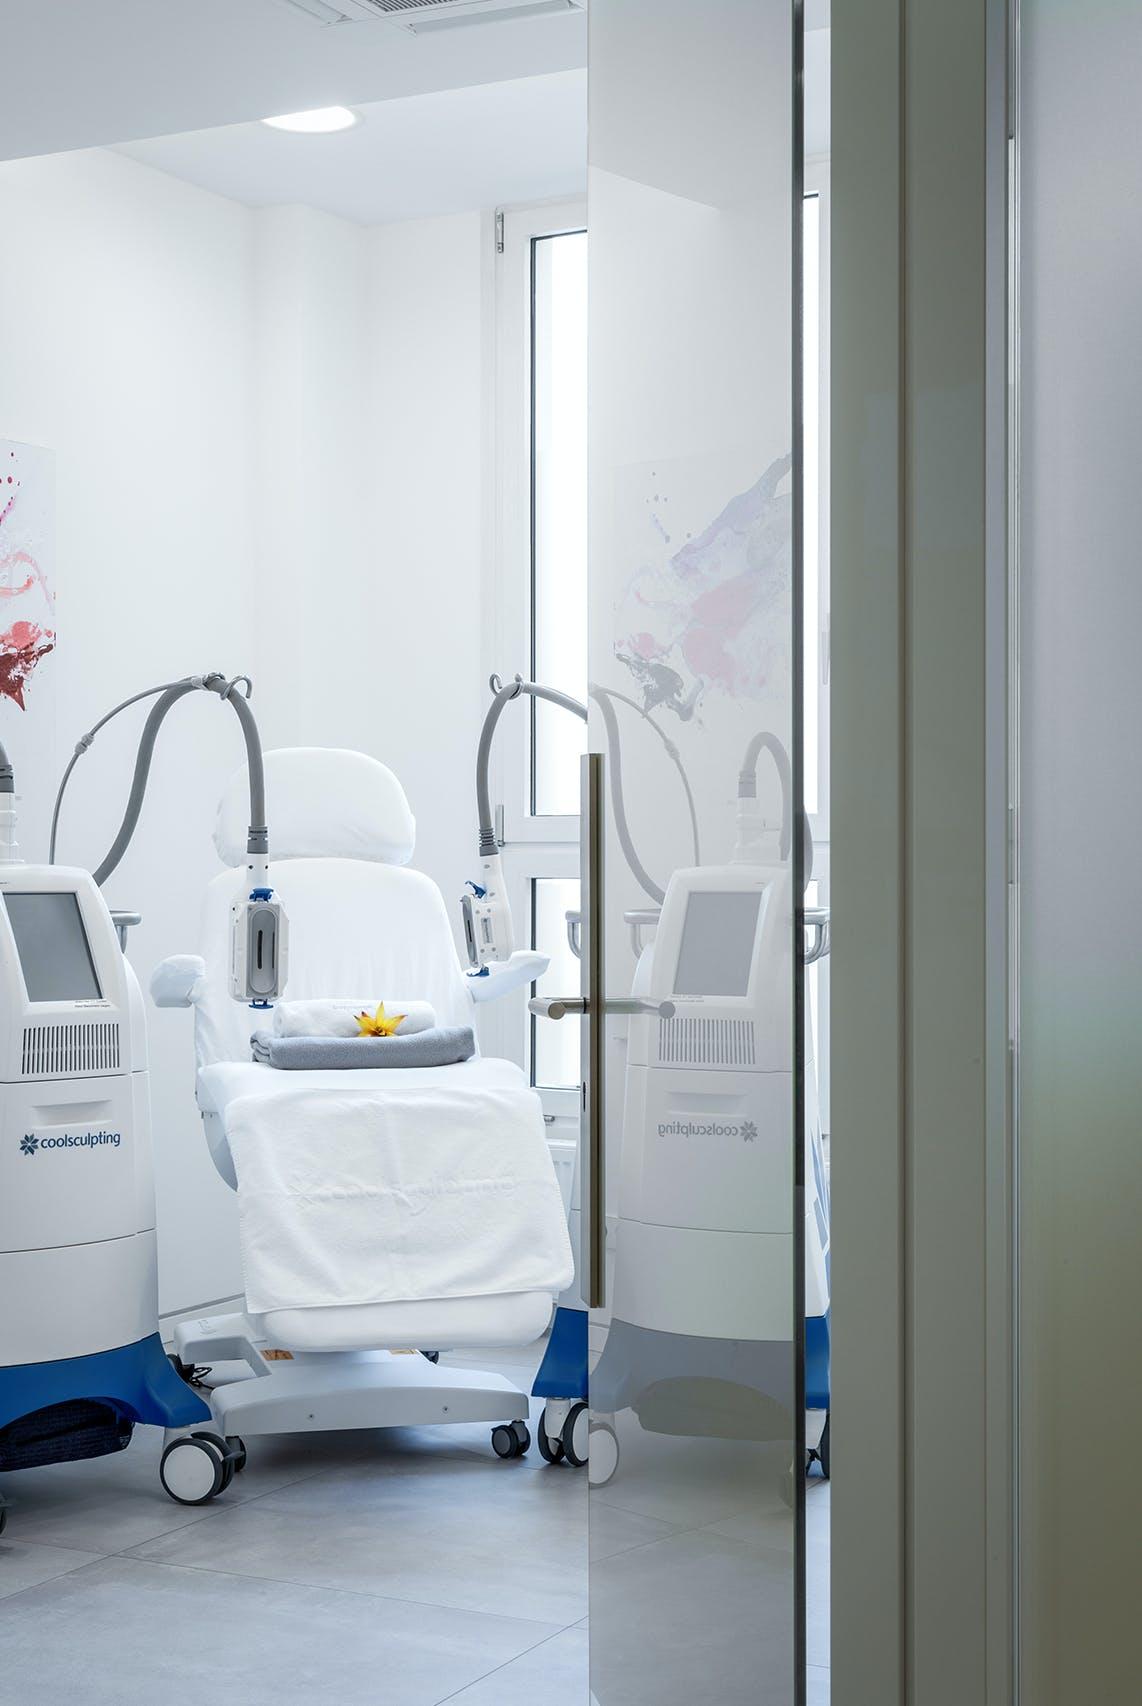 Praxiseinrichtung für Privatpraxis Dermatologie und ästhetische Behandlungen